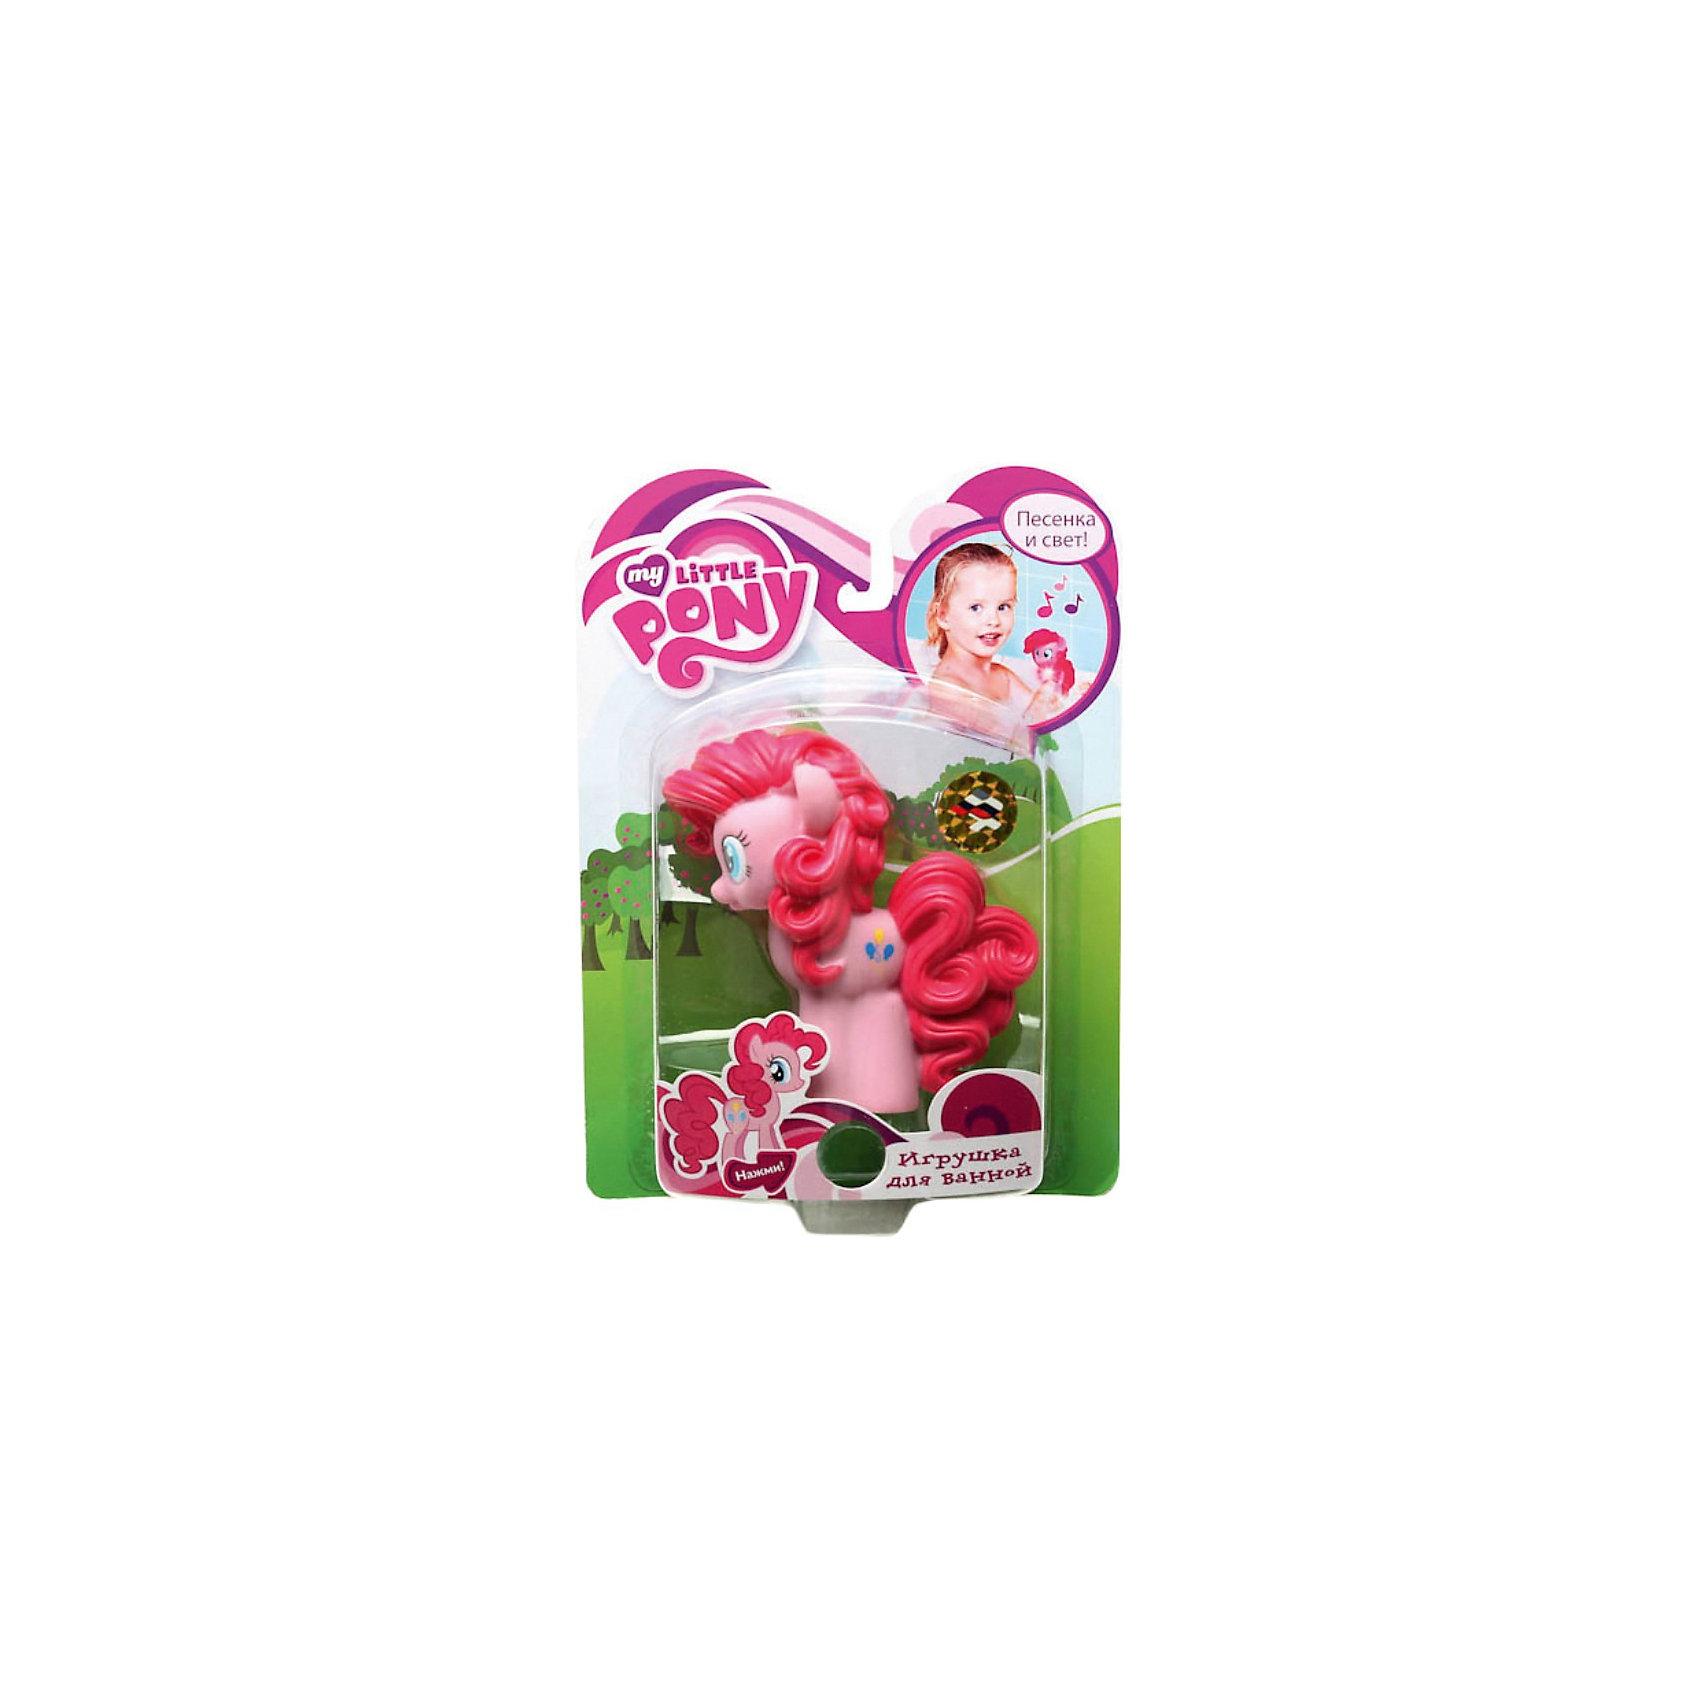 Пони Пинки Пай, со светом и звуком, My little Pony, Играем вместеИгрушки<br>Игрушка для купания Пони Пинки Пай, My little Pony, Играем вместе превратит купание ребенка в веселую увлекательную игру. Пони Пинки Пай (Pinkie Pie) - героиня популярного мультсериала Мой маленький пони (My Little Pony) о сказочном городке Понивилле населенном волшебными очаровательными пони, эта задорная лошадка с кудрявой ярко-розовой гривой - самая веселая и озорная во всем Понивилле. Внешний вид игрушки полностью соответствует своему персонажу.  Если нажать на лошадку, то можно прослушать песенку из мультфильма, лошадка при этом будет светиться.<br><br>Дополнительная информация:<br><br>- Материал: ПВХ.<br>- Высота игрушки: 12 см.<br>- Размер упаковки: 24 x 6 x 17 см. <br>- Вес: 170 гр.<br>- Для работы необходимы батарейки<br><br>Игрушку Пони Пинки Пай, My little Pony, Играем вместе можно купить в нашем интернет-магазине.<br><br>Ширина мм: 170<br>Глубина мм: 60<br>Высота мм: 240<br>Вес г: 170<br>Возраст от месяцев: 6<br>Возраст до месяцев: 36<br>Пол: Женский<br>Возраст: Детский<br>SKU: 3778147